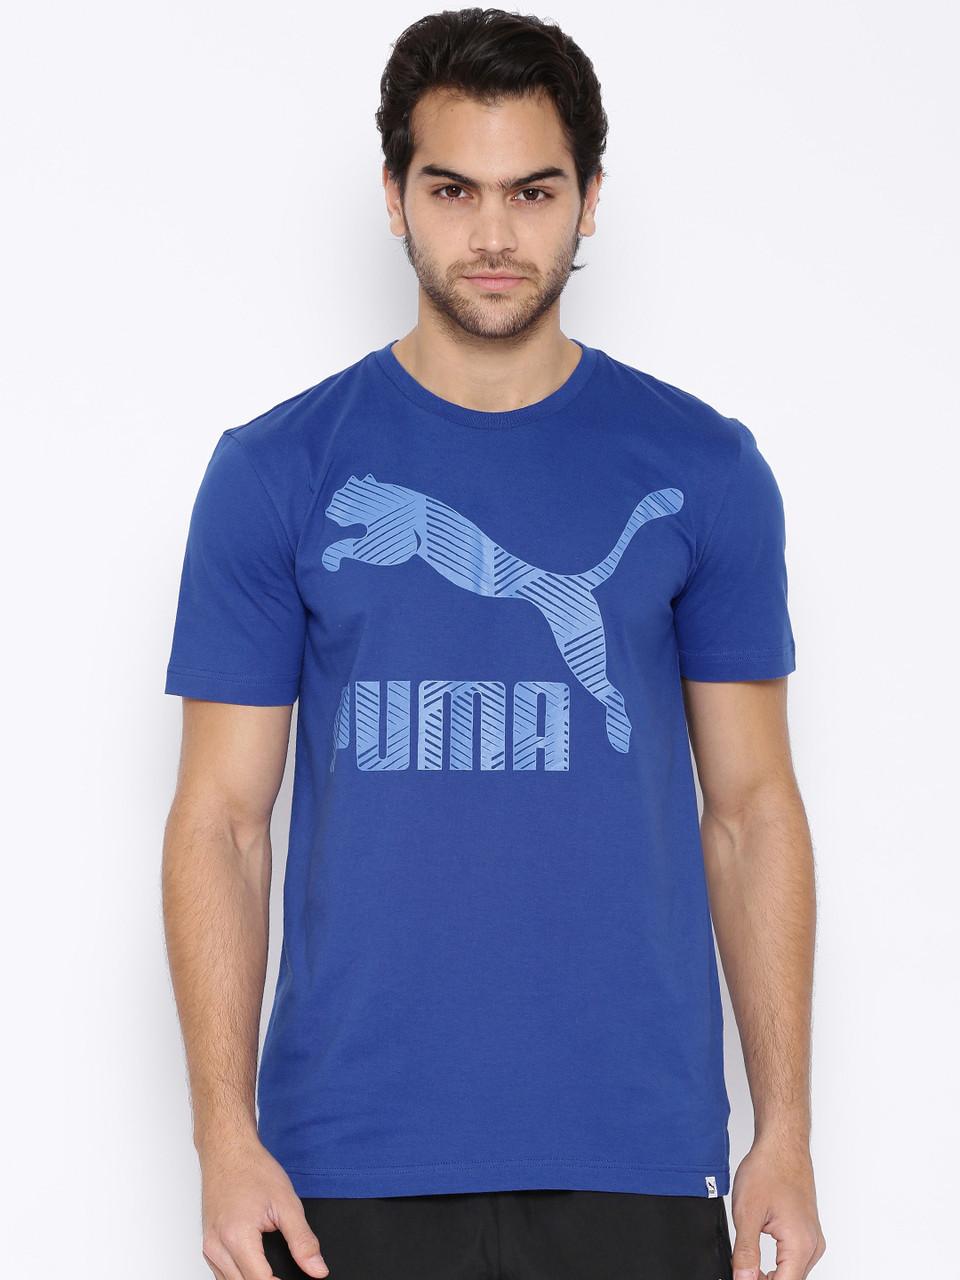 Футболка мужская стильная PUMA Stripe logo